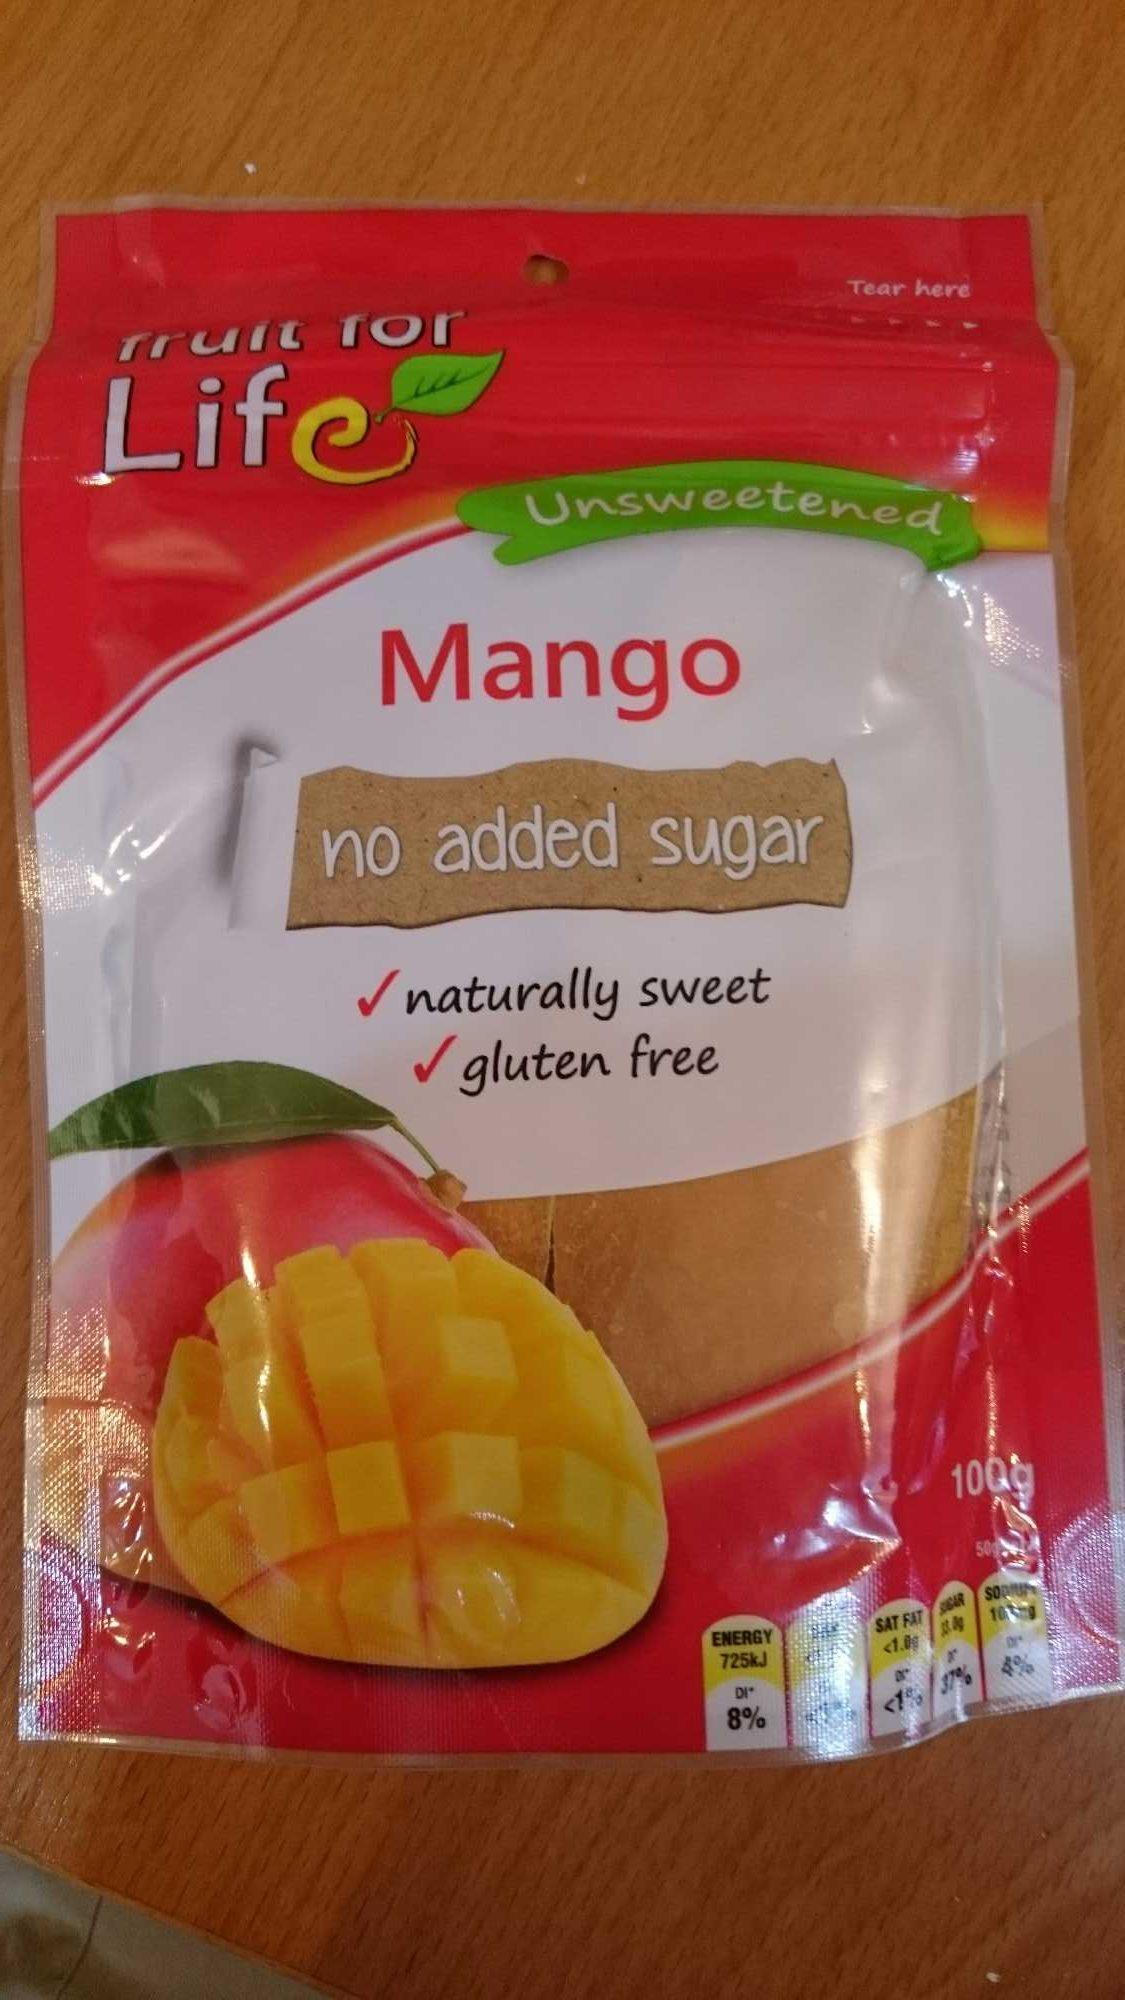 unsweerened mango - Product - en